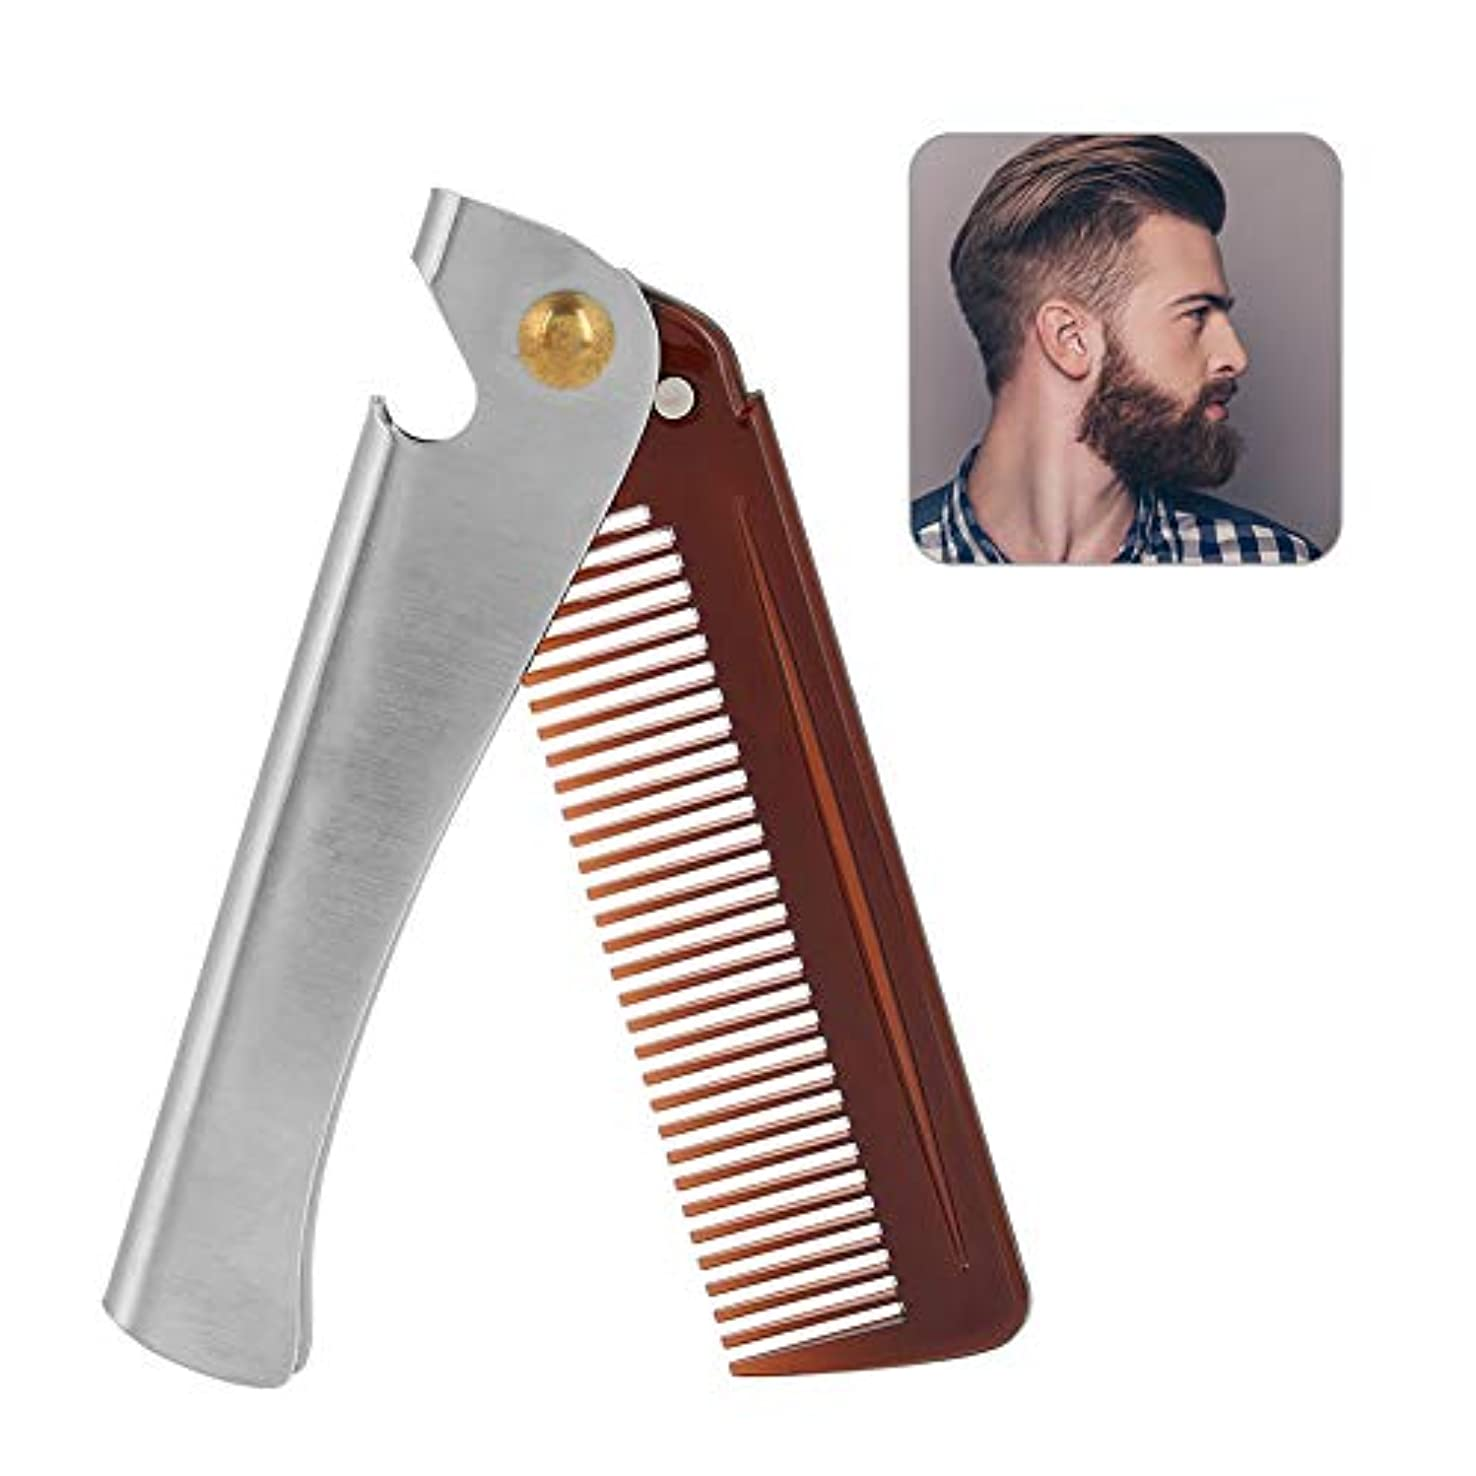 満員特定の入り口男性用のひげとヘアケア折りたたみ櫛と春押しボタン